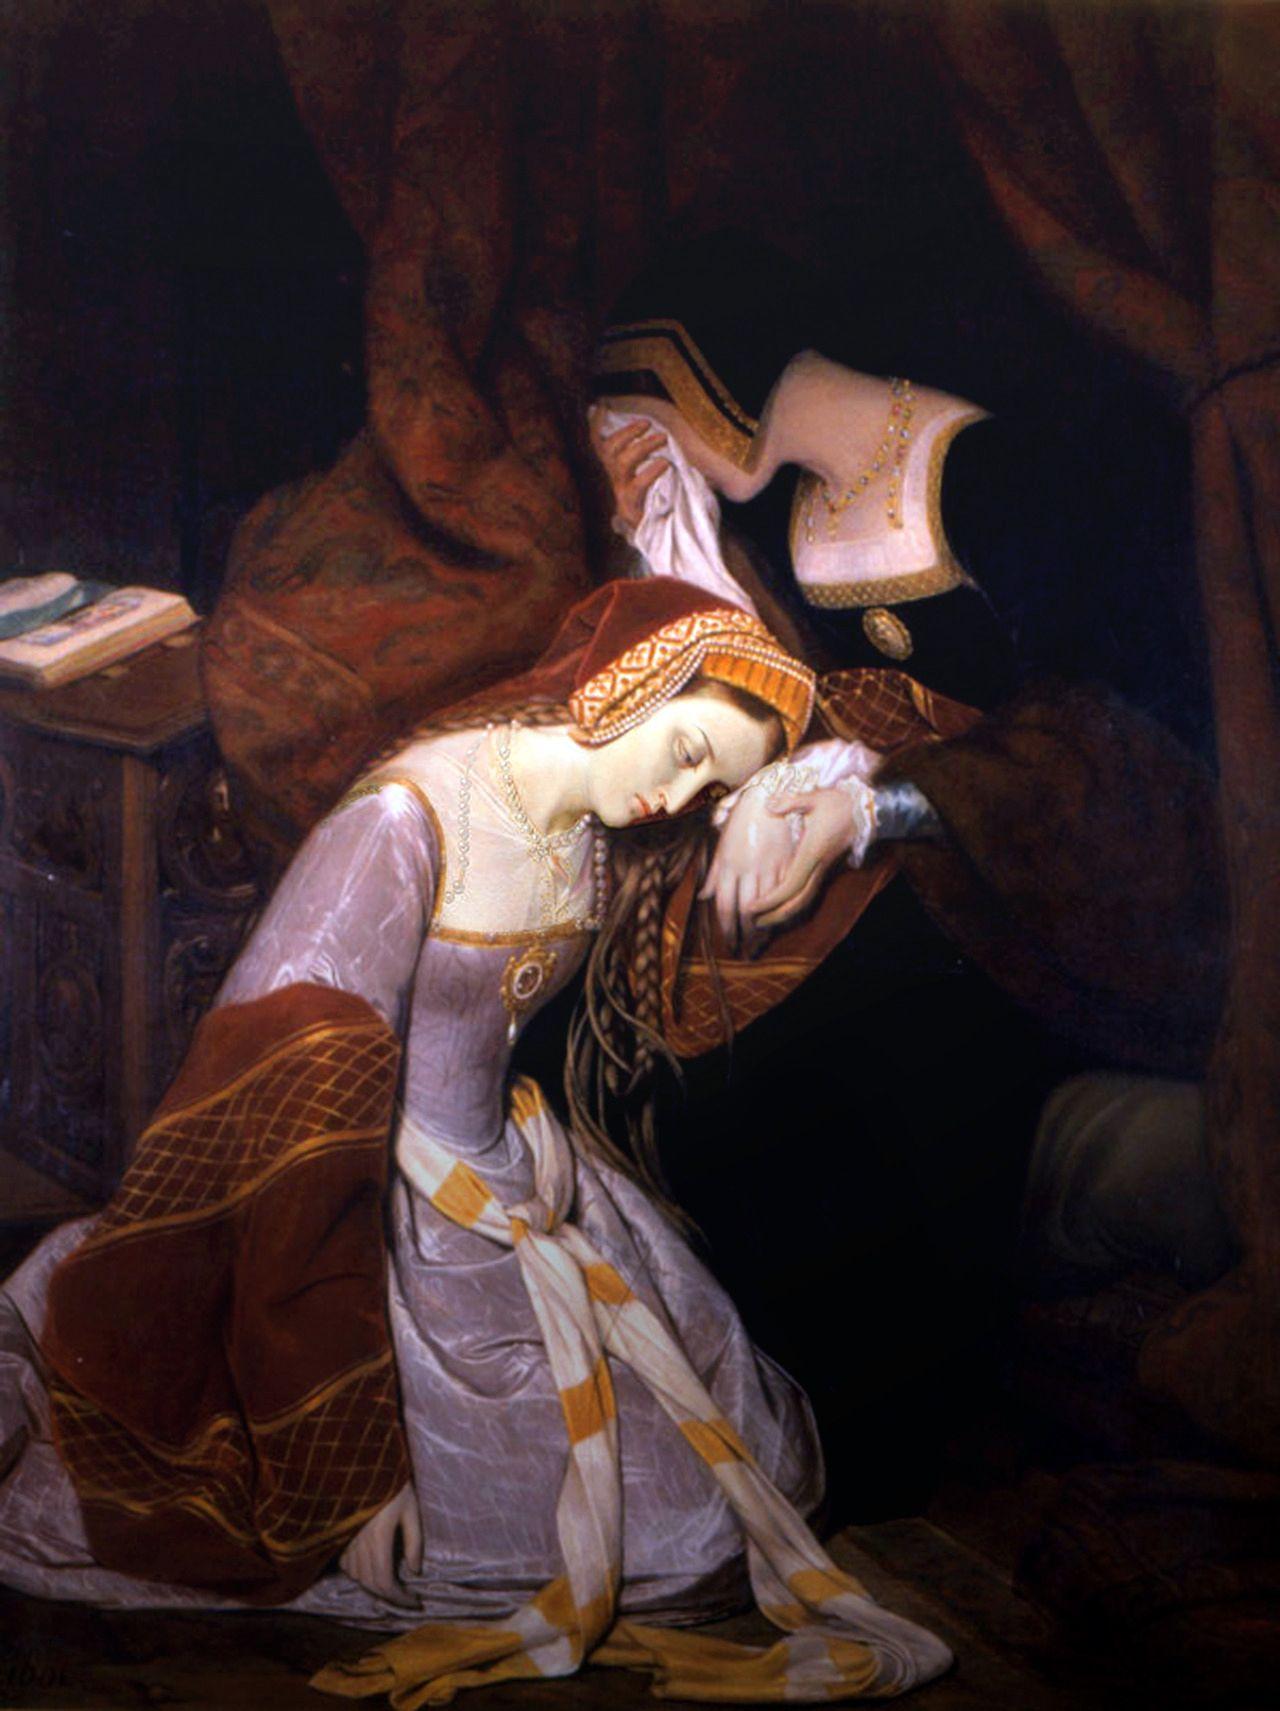 Maria nie zamierzała podzielić losy Anny Boleyn, dlatego ani myślała o ślubie z Henrykiem VIII. Na ilustracji obraz Edouarda Cibota przedstawiający Annę Boleyn w Tower.